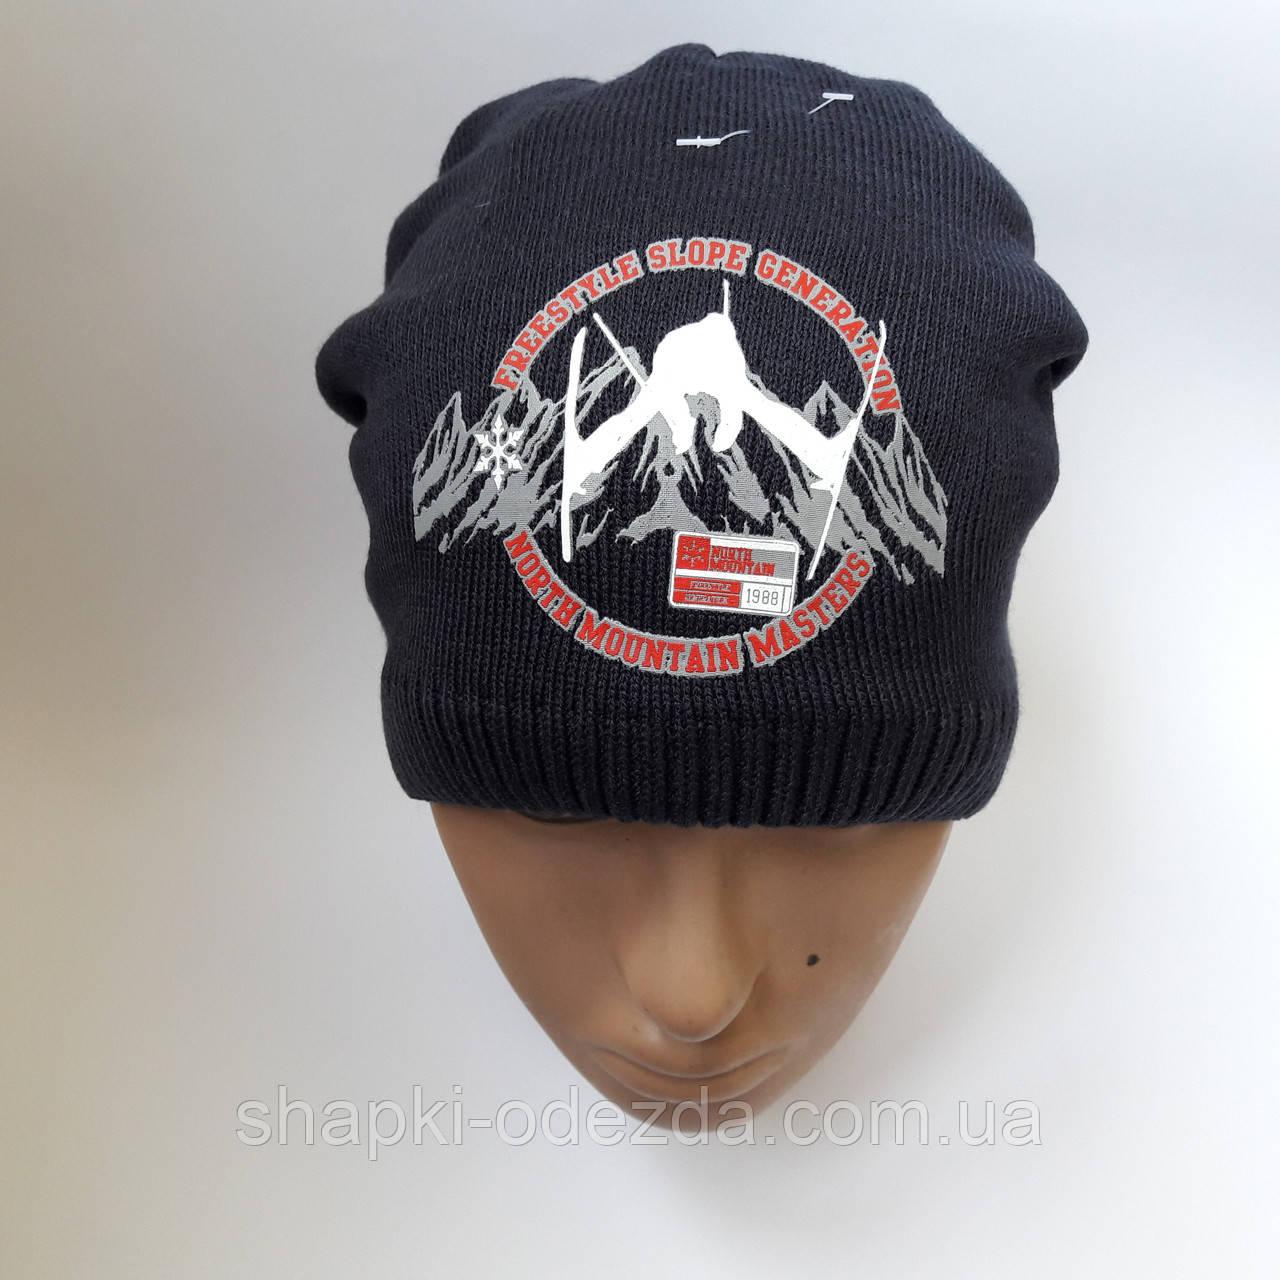 детская зимняя вязаная шапка для мальчика на флисе от 7 12 лет лет